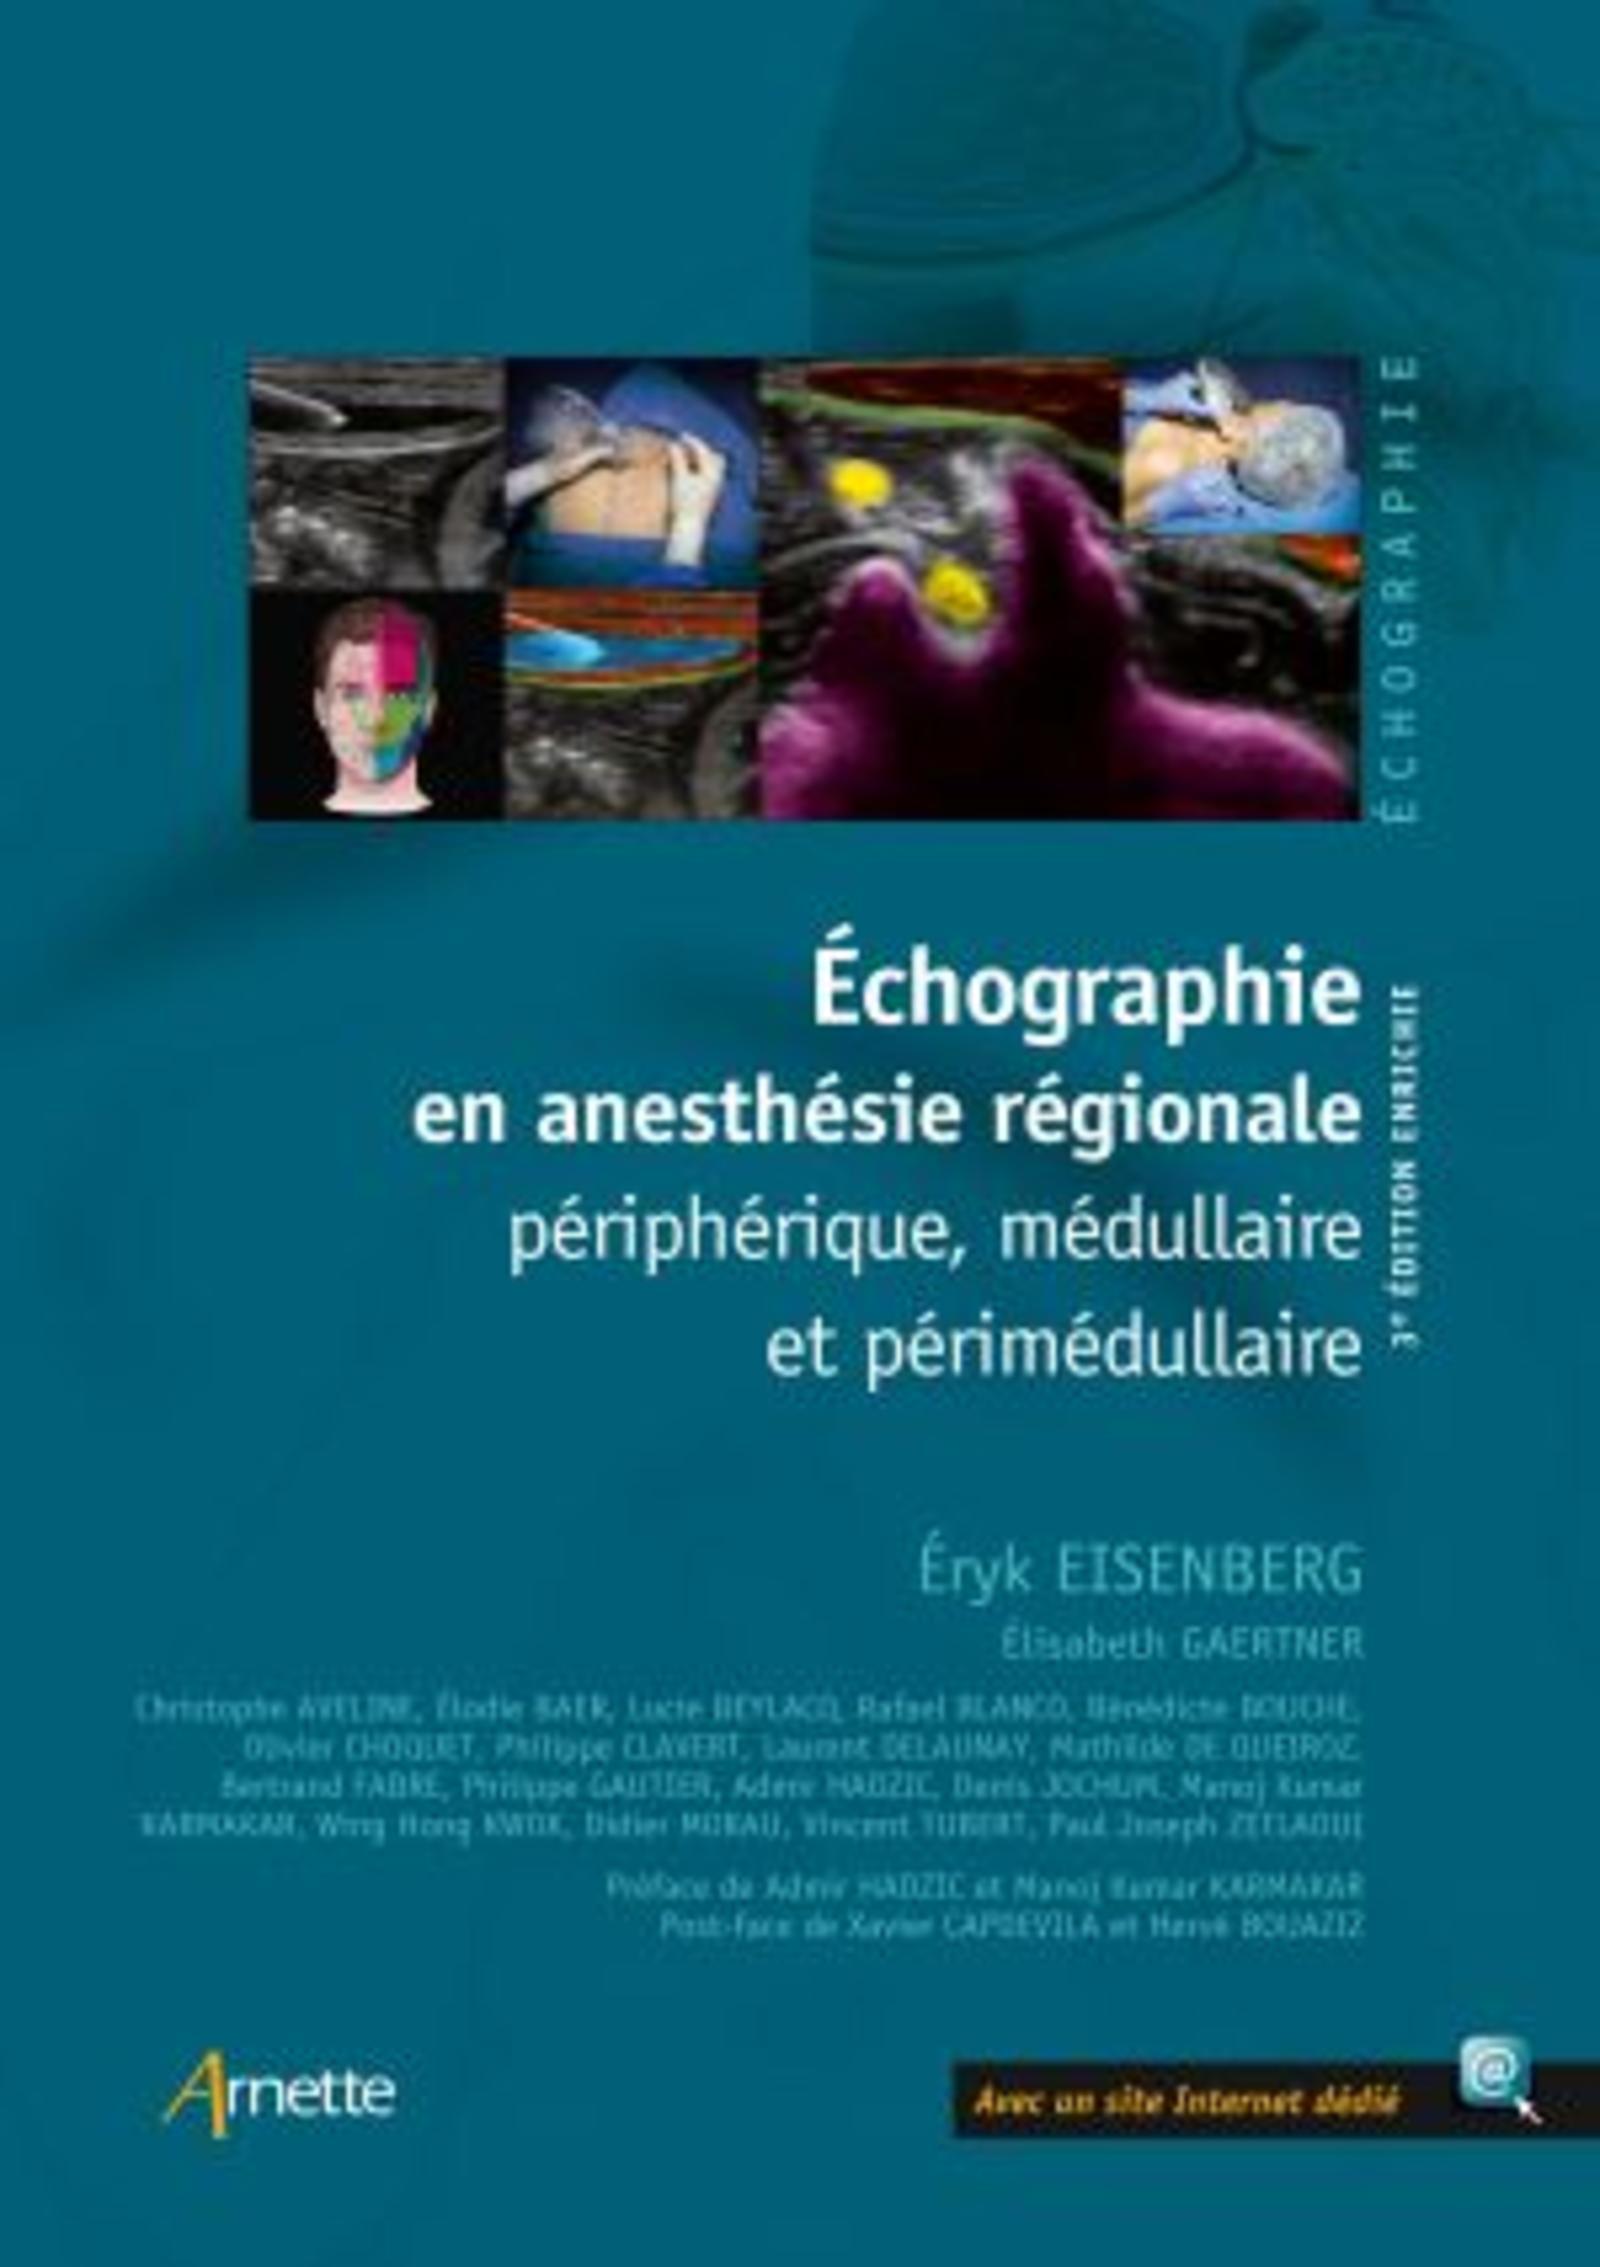 ECHOGRAPHIE EN ANESTHESIE REGIONALE - PERIPHERIQUE, MEDULLAIRE ET PERIMEDULLAIRE